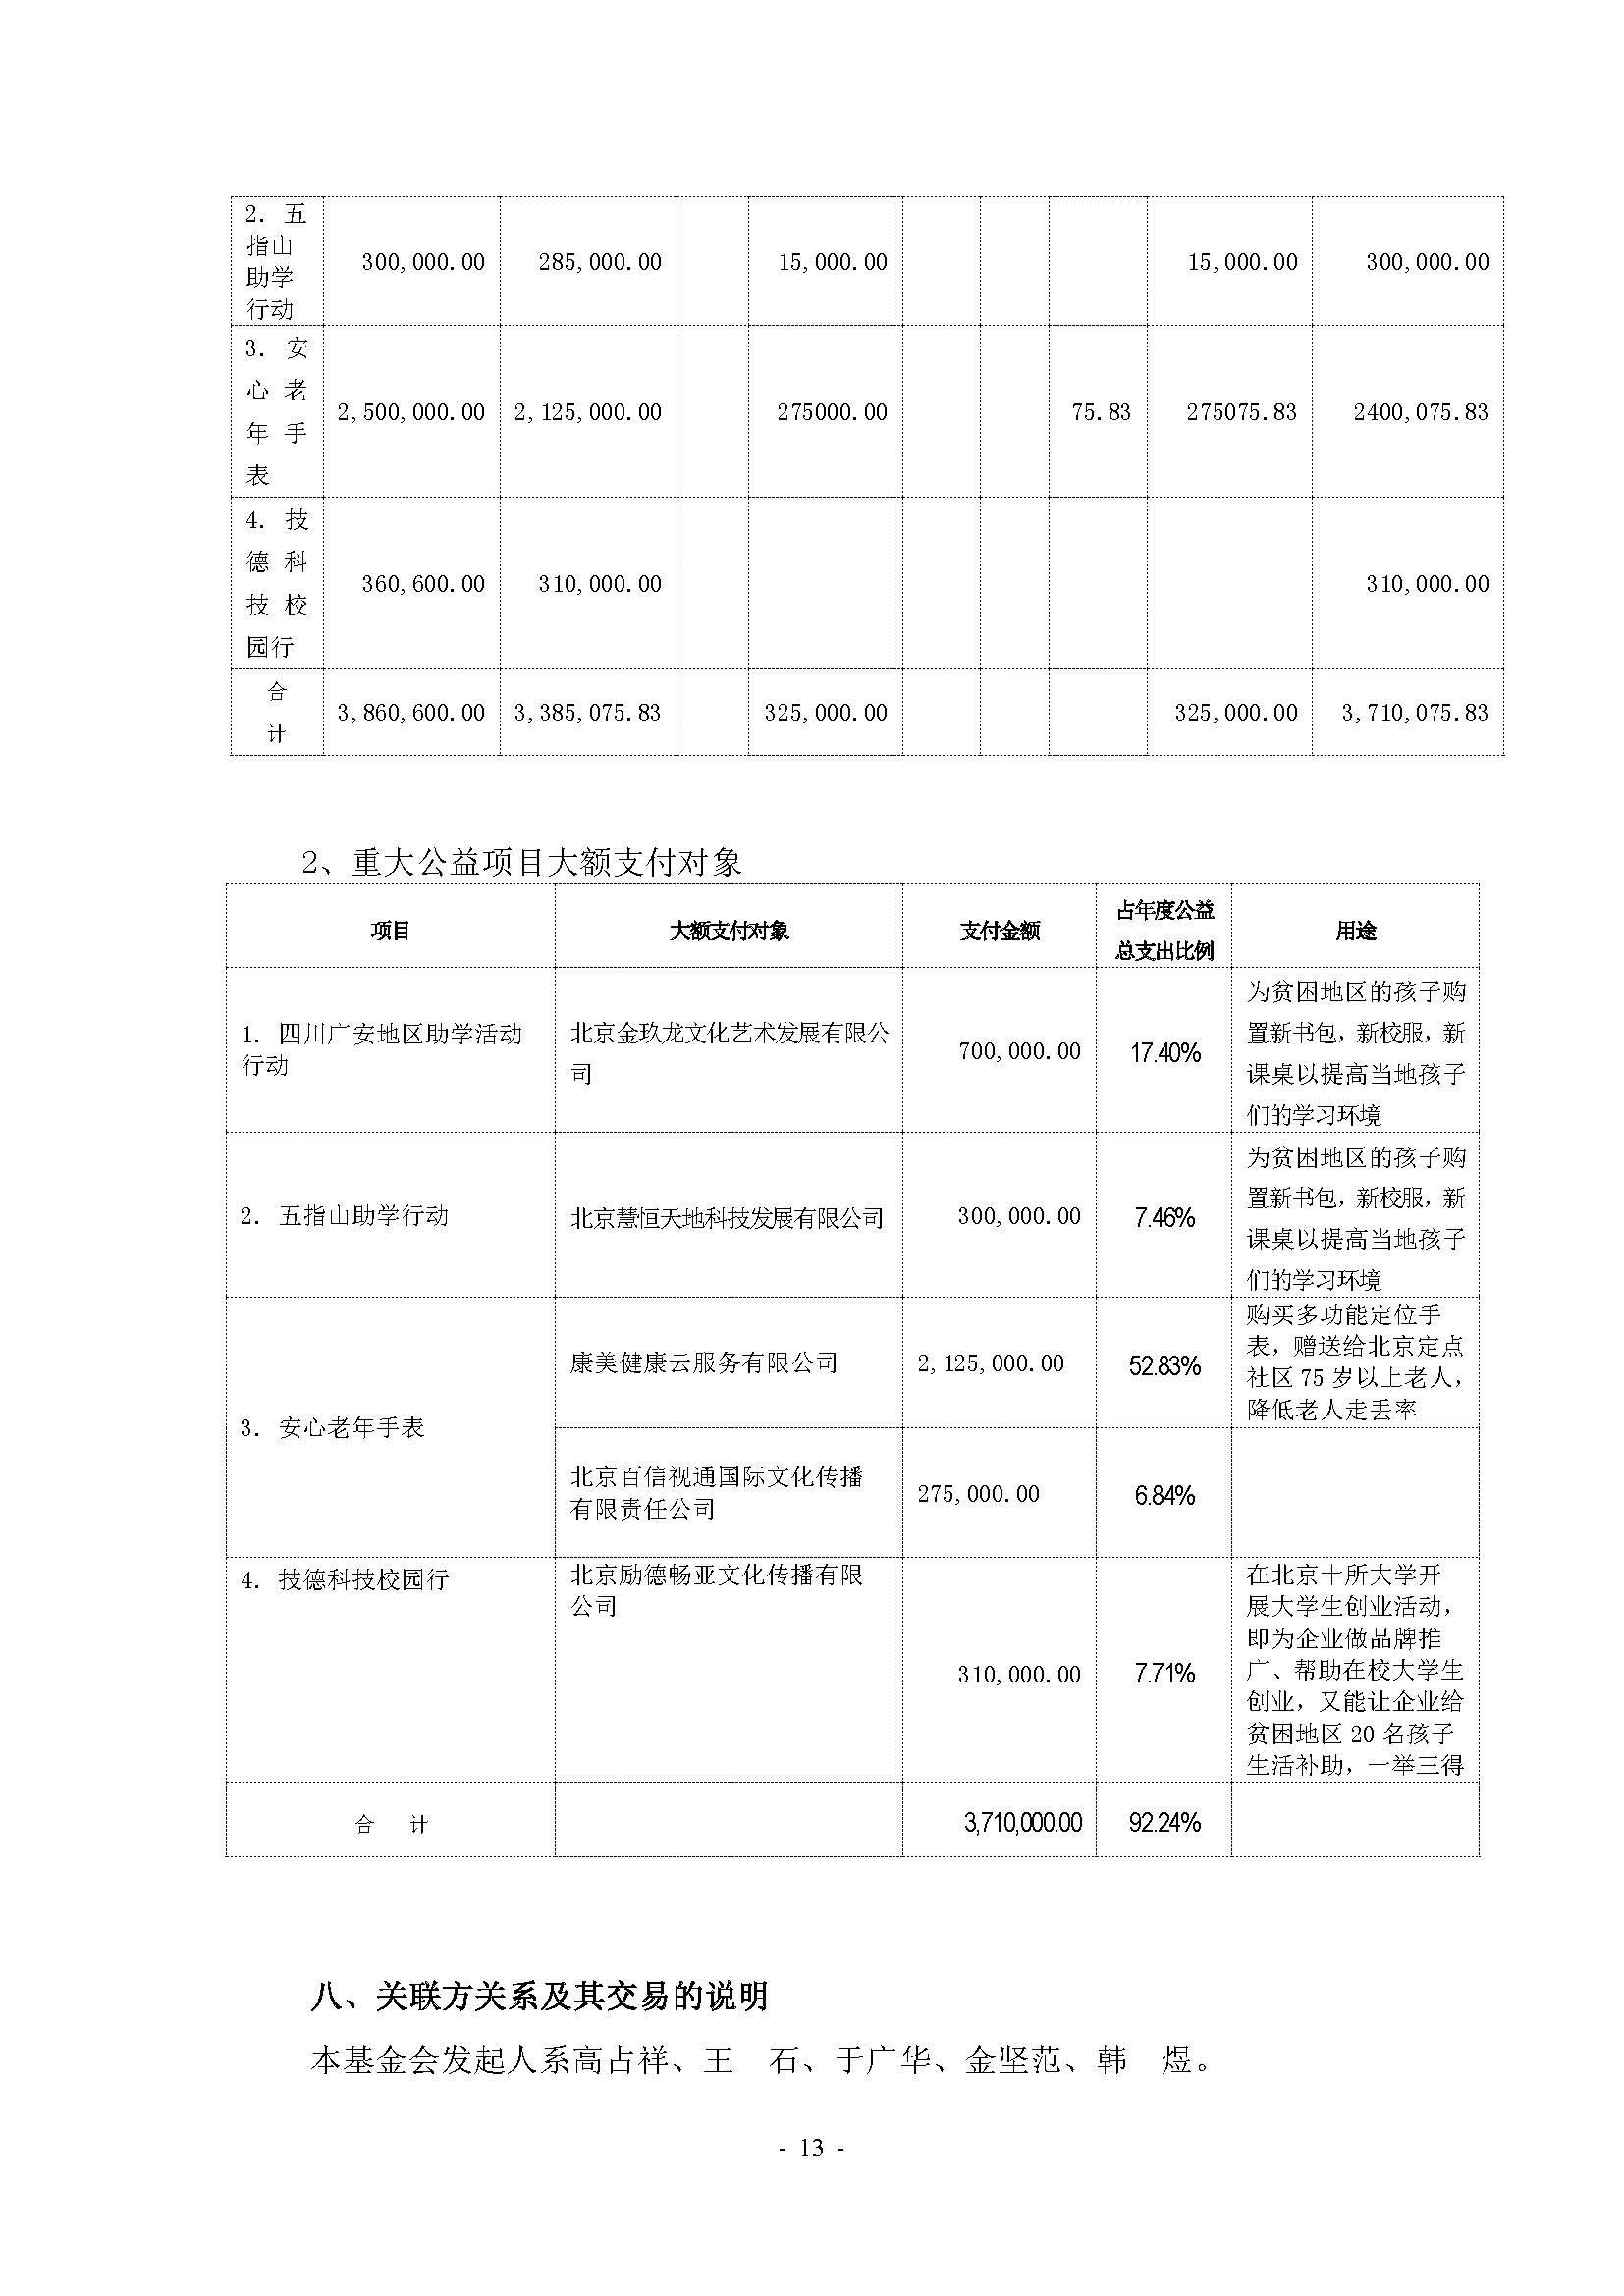 [2016]3016#山花工程基金会审计报告(电子签章)_页面_14